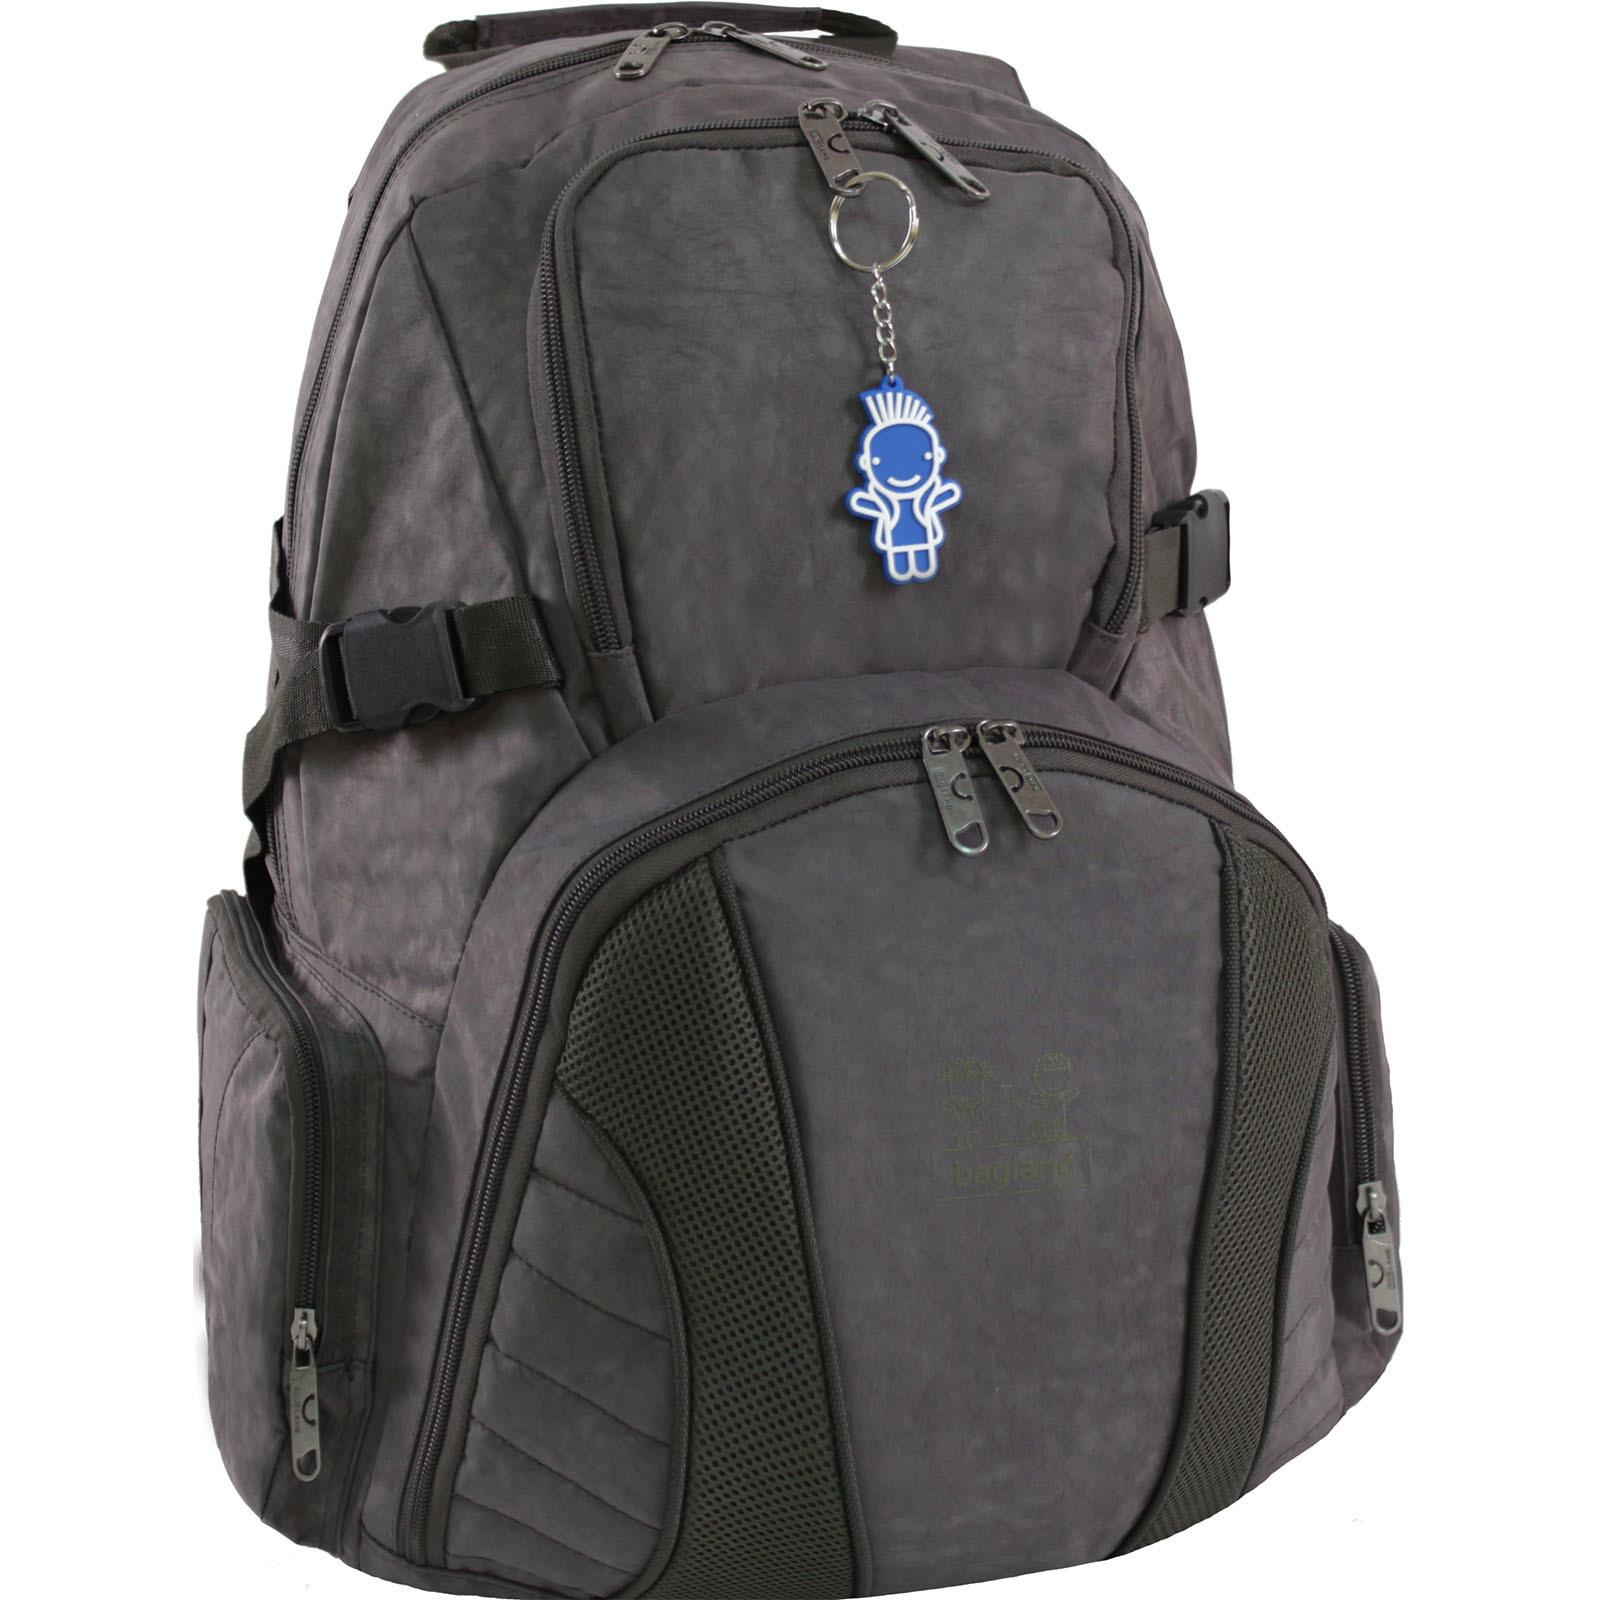 Городские рюкзаки Рюкзак Bagland Звезда 35 л. Хаки (0018870) IMG_1250.JPG